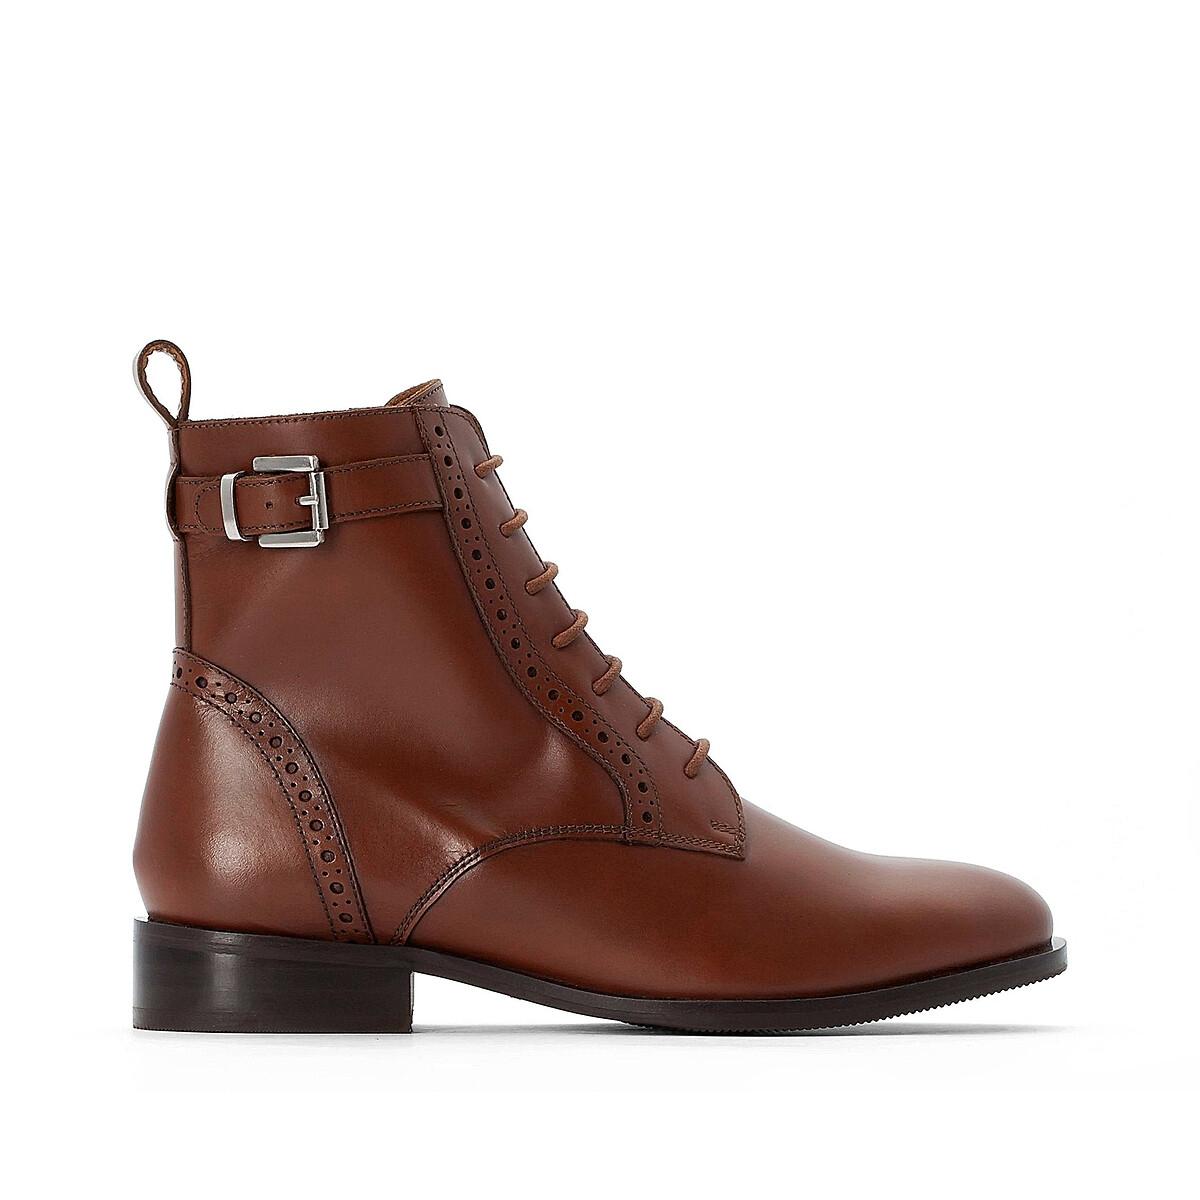 Ботинки LaRedoute Кожаные на молнии и оригинальной шнуровке 38 каштановый кеды laredoute кожаные на шнуровке v10 40 белый